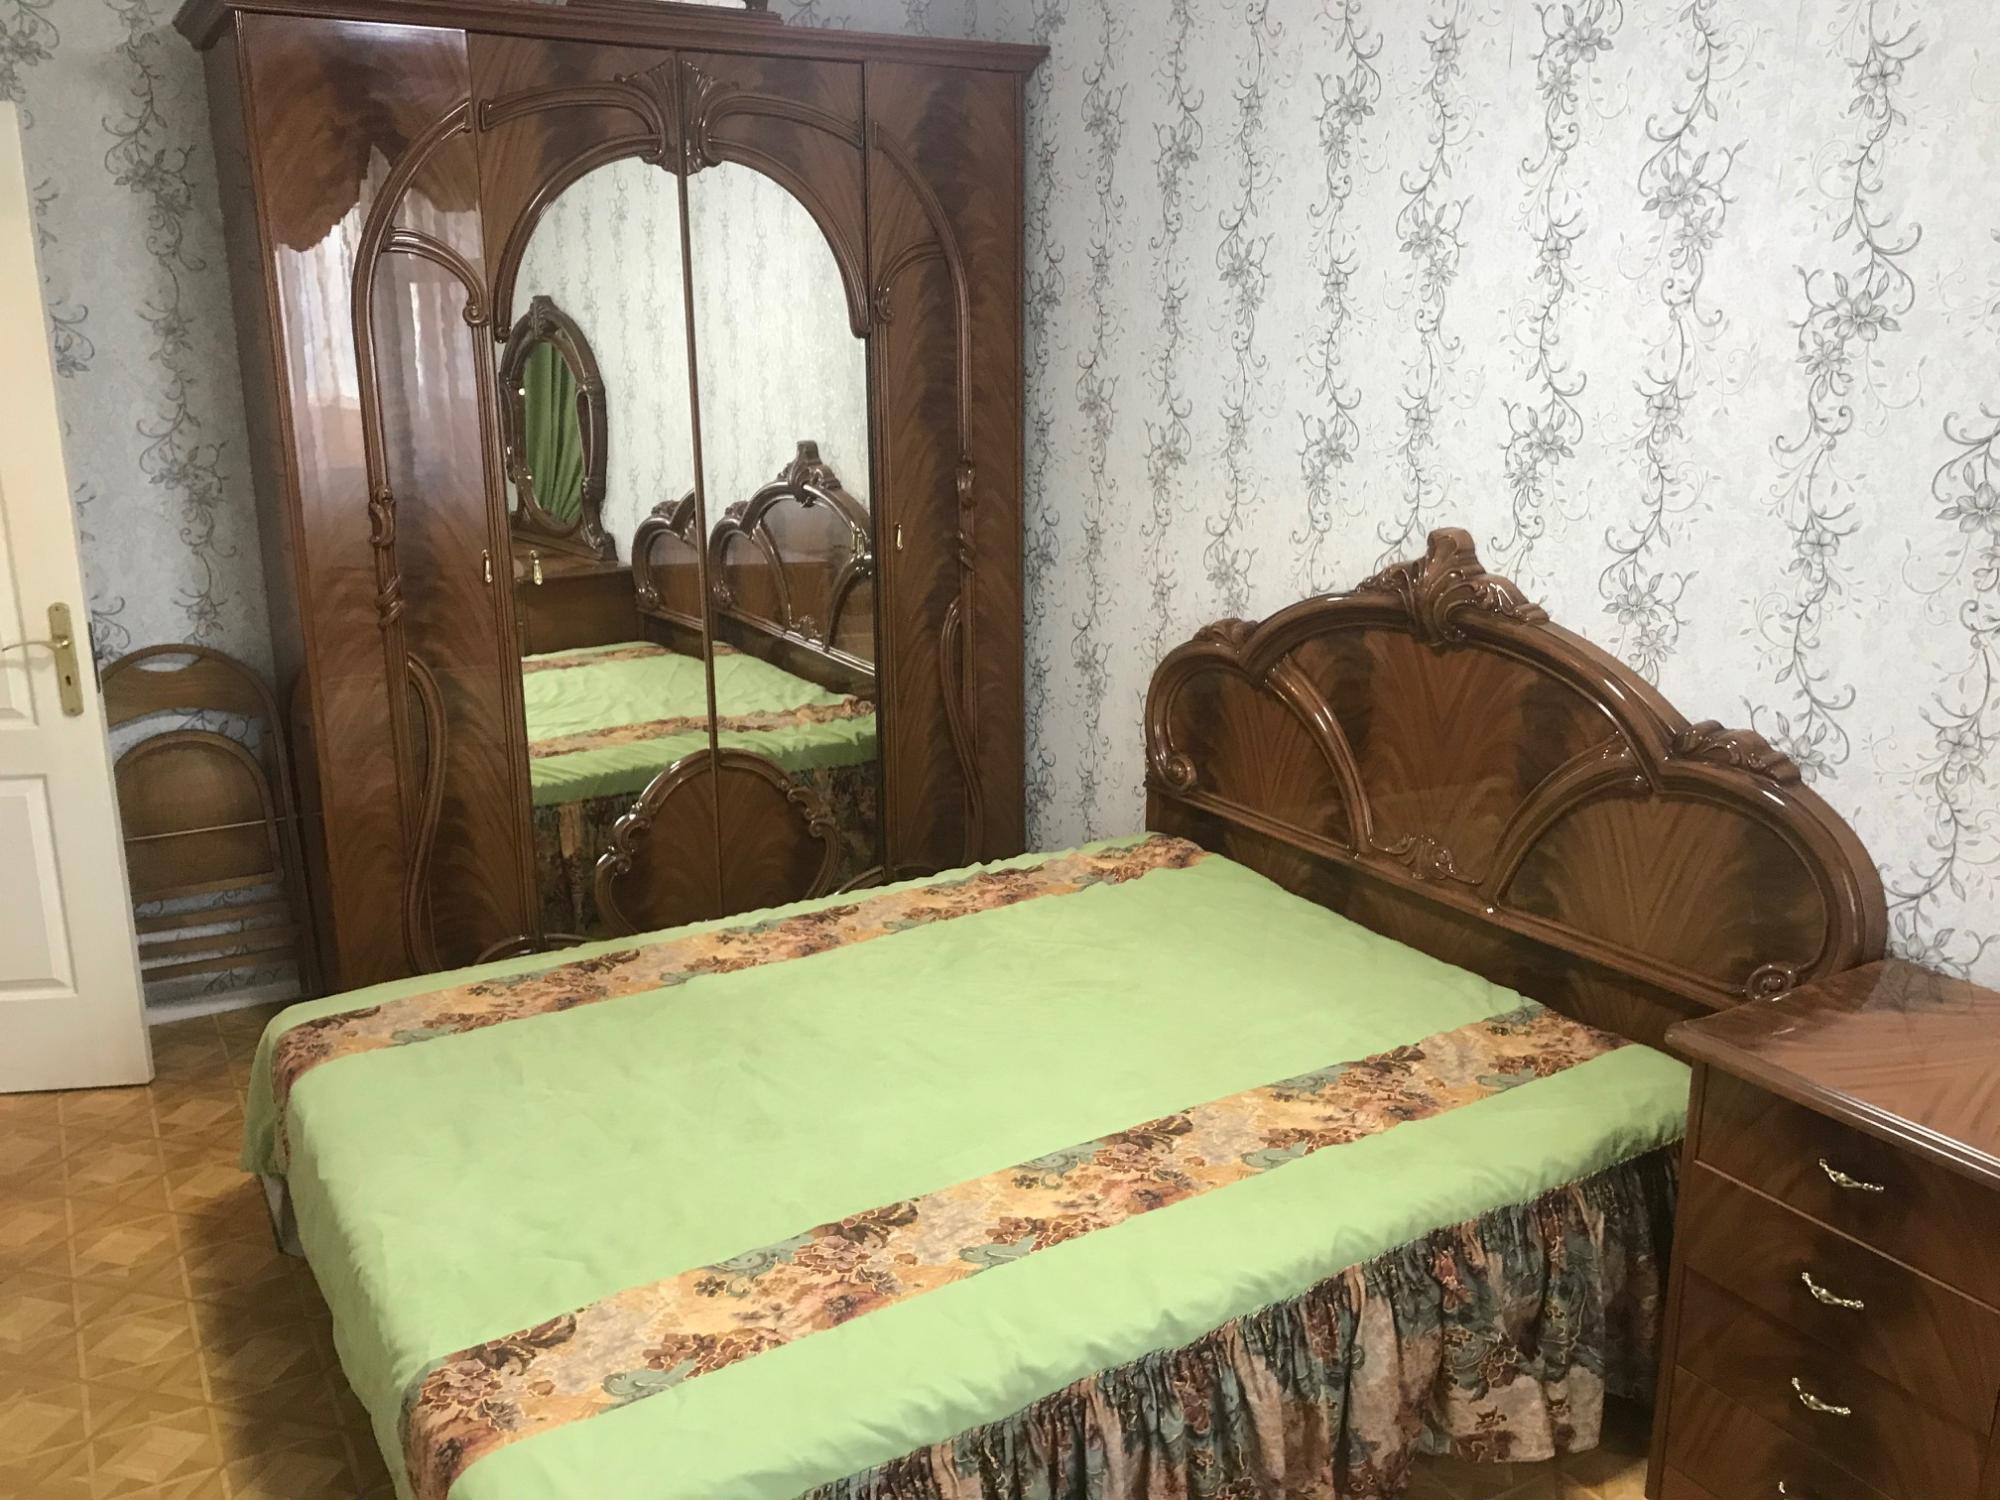 Квартира, 3 комнаты, 75 м² в Москве 89260840912 купить 8